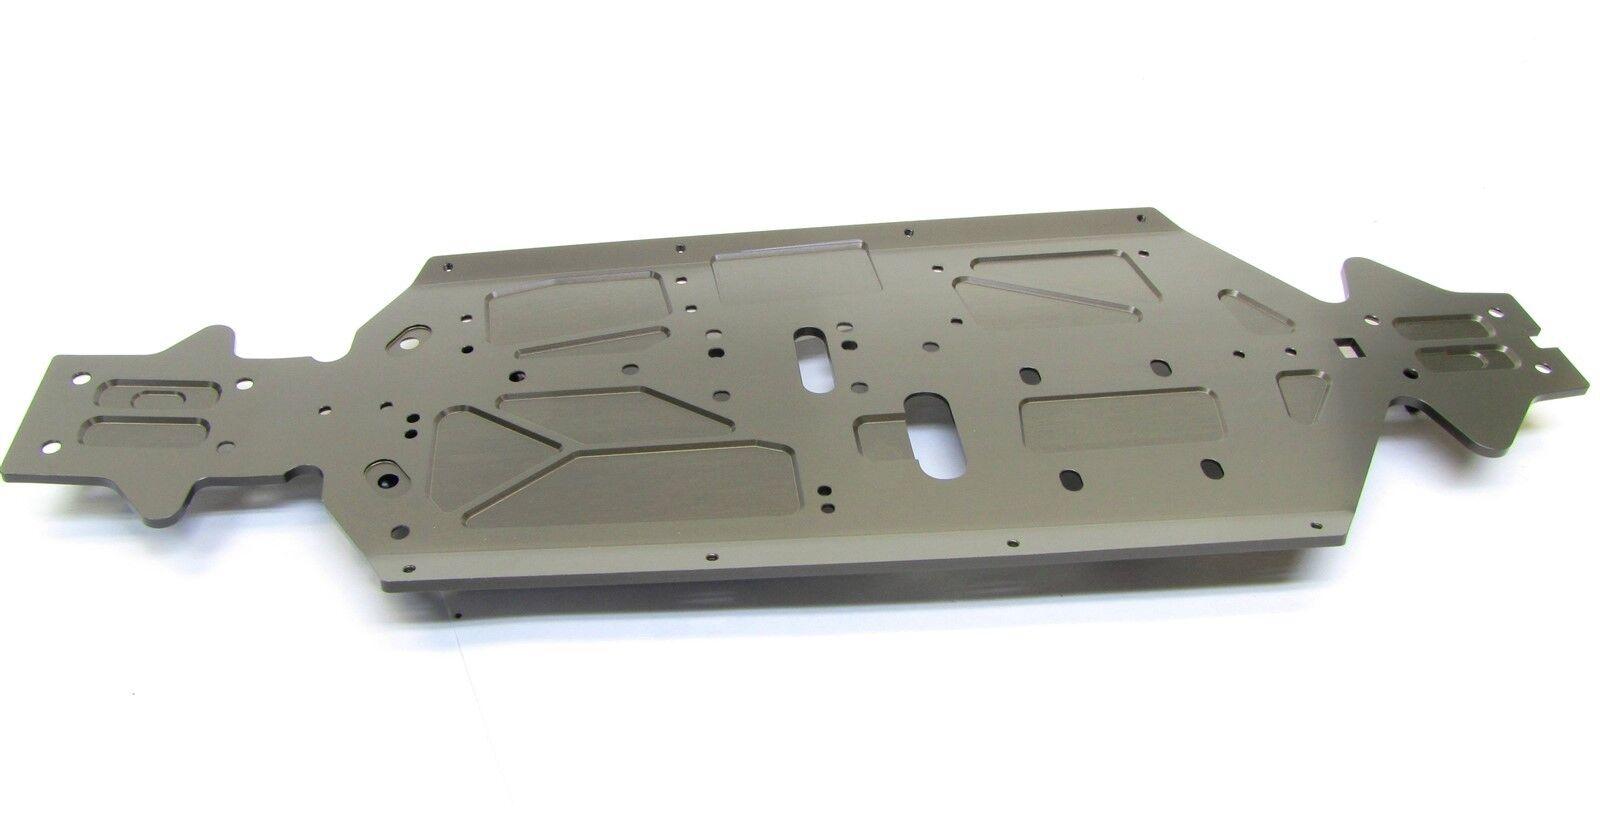 MBX8 Châssis Plaque (E2423; 3mm Marmite Couverdee Aluminium Mugen E2021